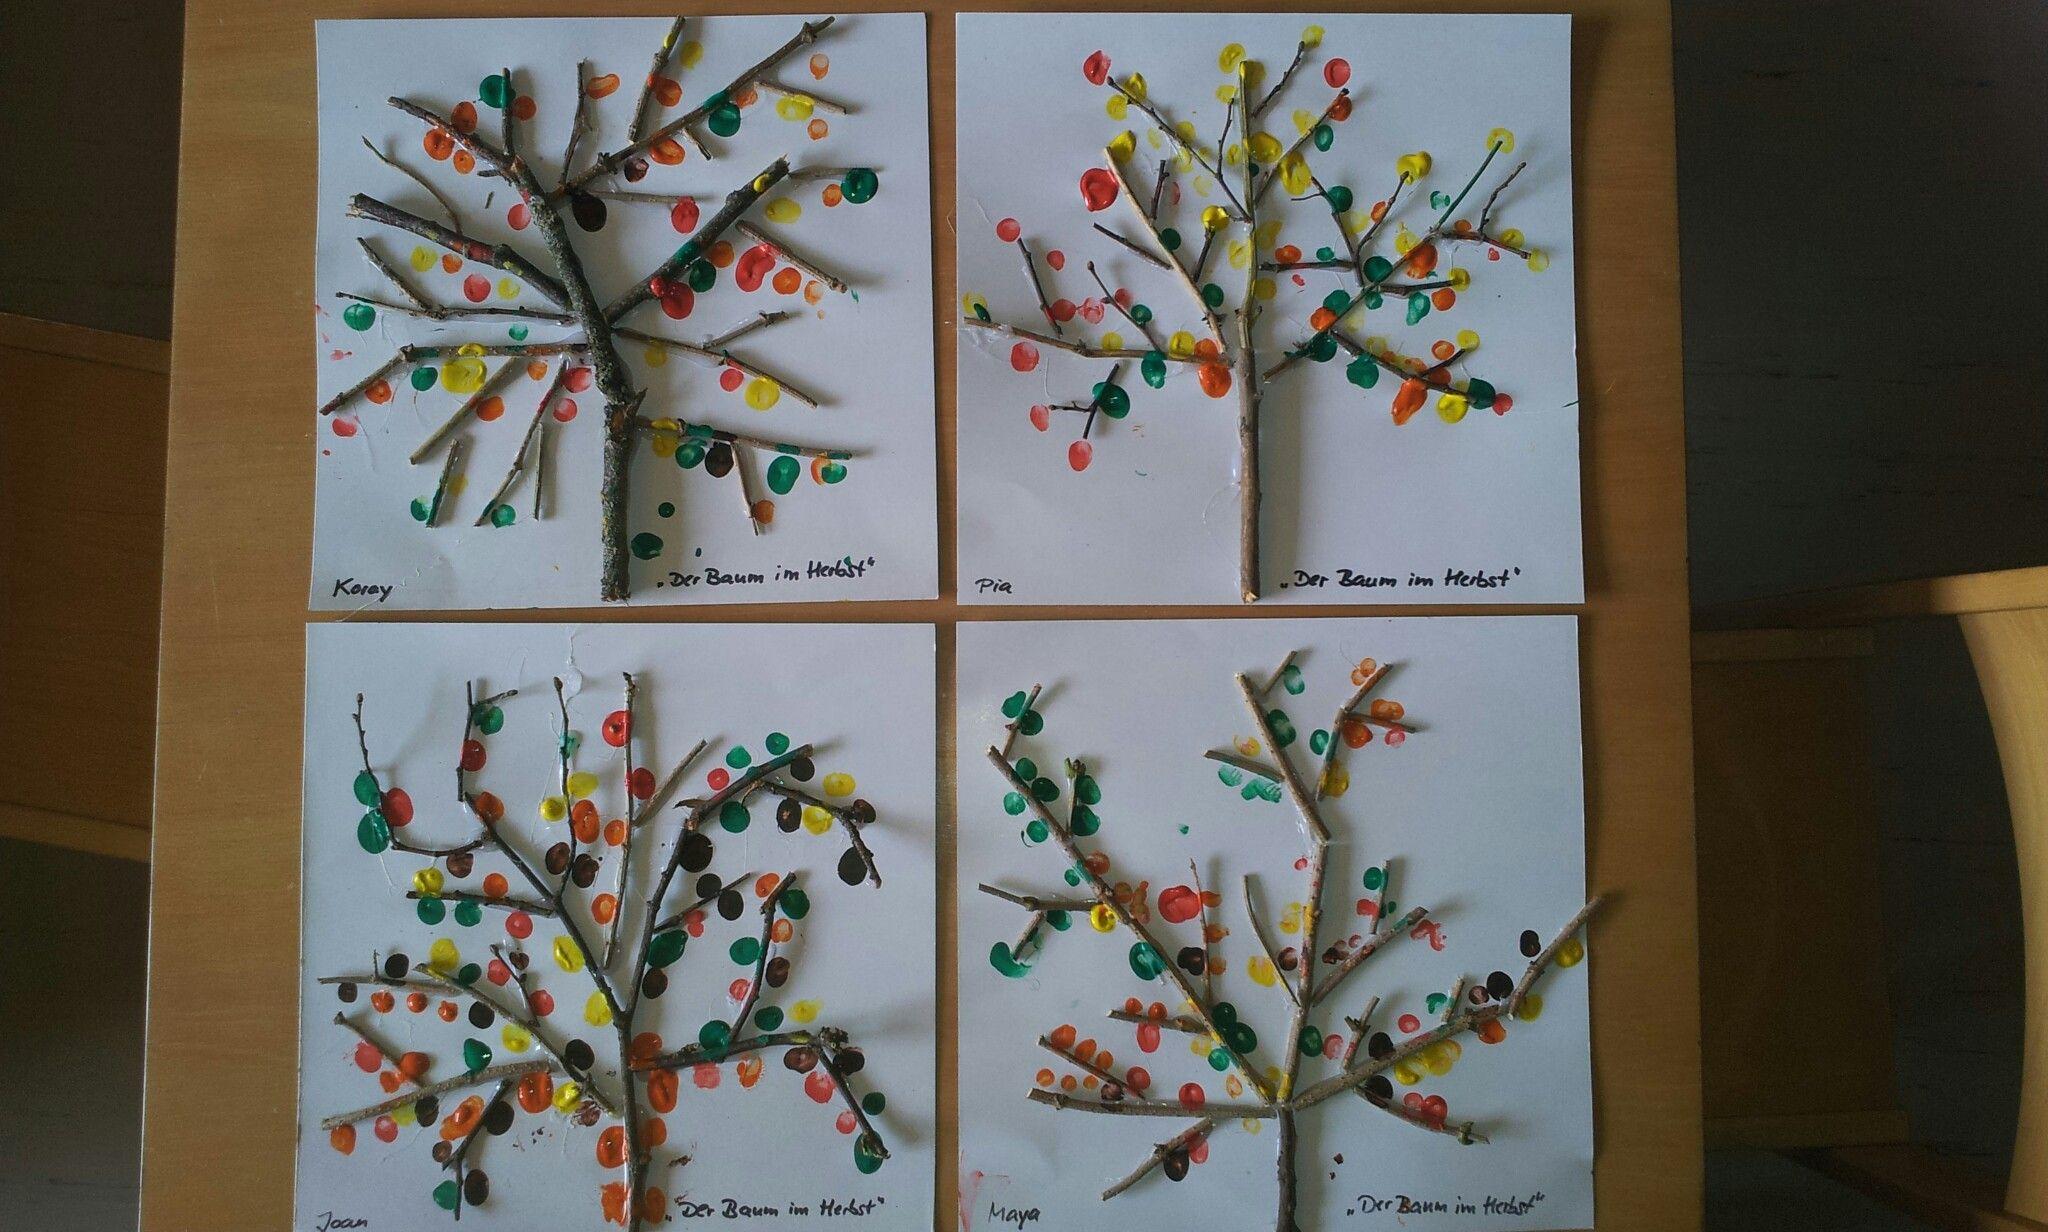 Der baum im herbst projekt baum die kinder kleben mit for Herbstprojekt im kindergarten